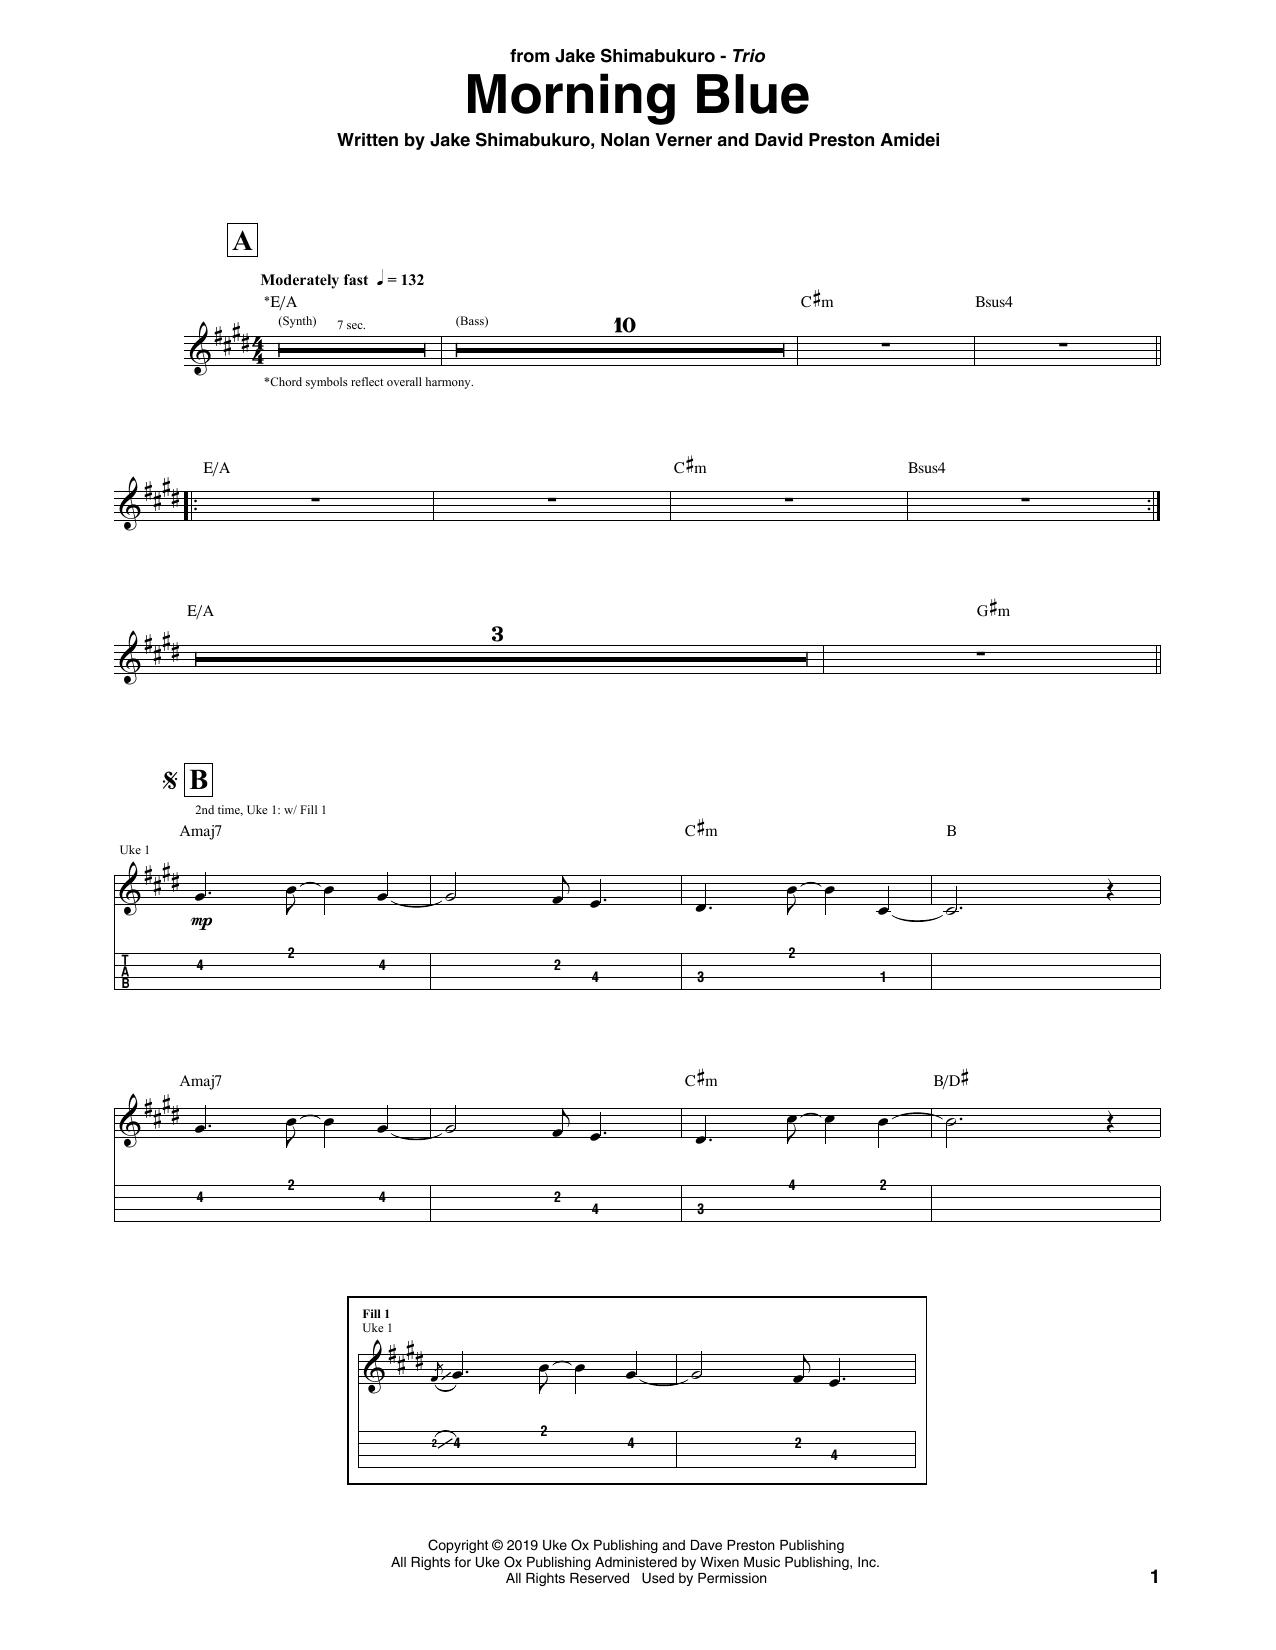 Download Jake Shimabukuro Trio 'Morning Blue' Digital Sheet Music Notes & Chords and start playing in minutes